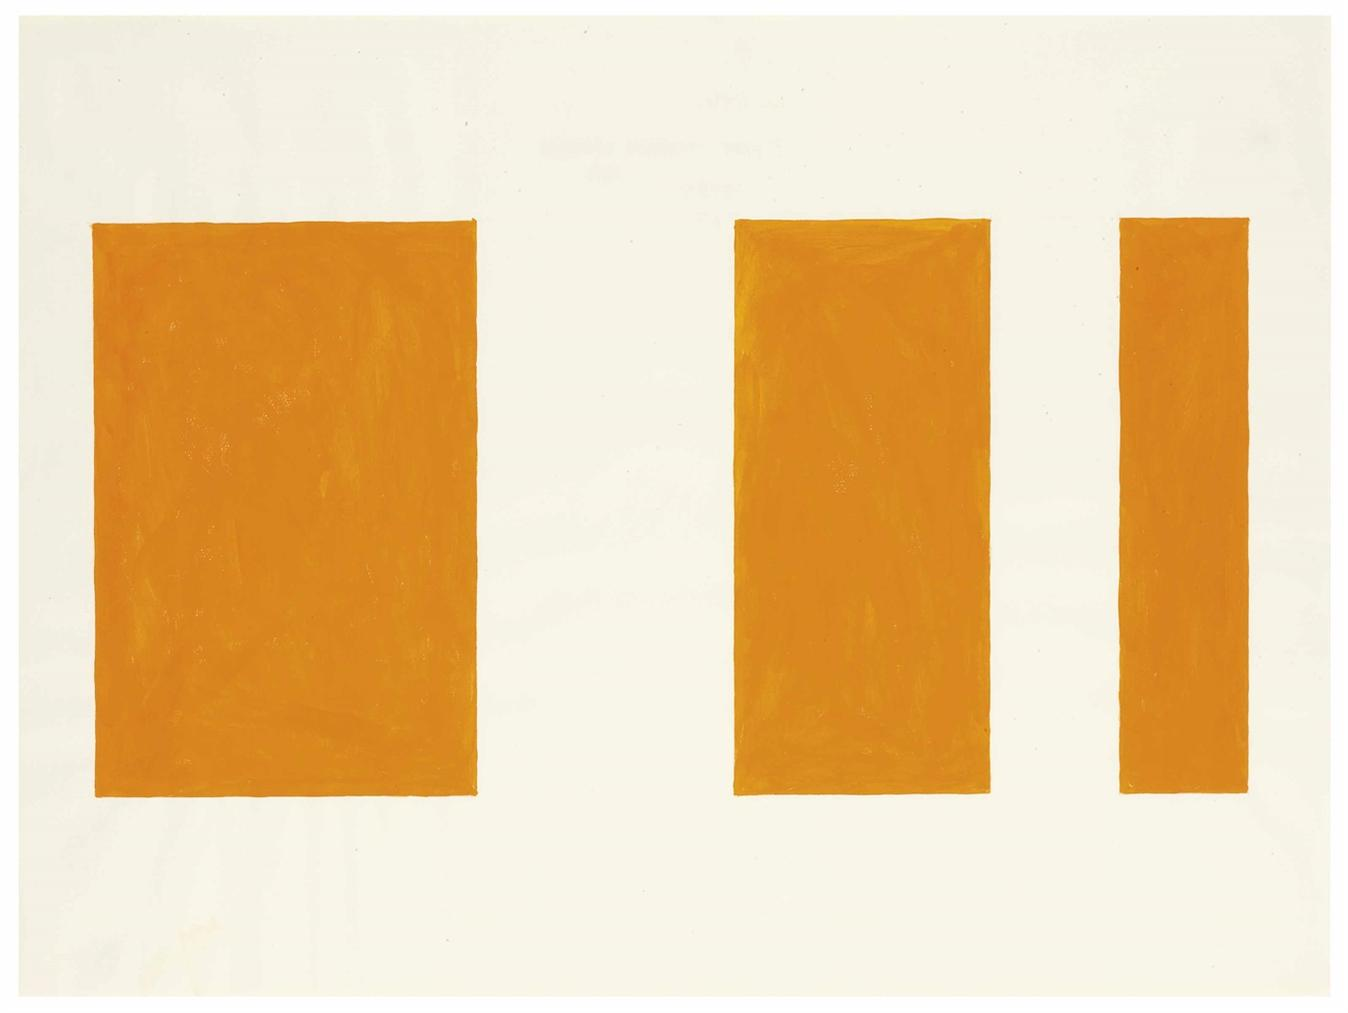 Paul Mogensen - No Title (3 Part Cadmium Orange)-1967